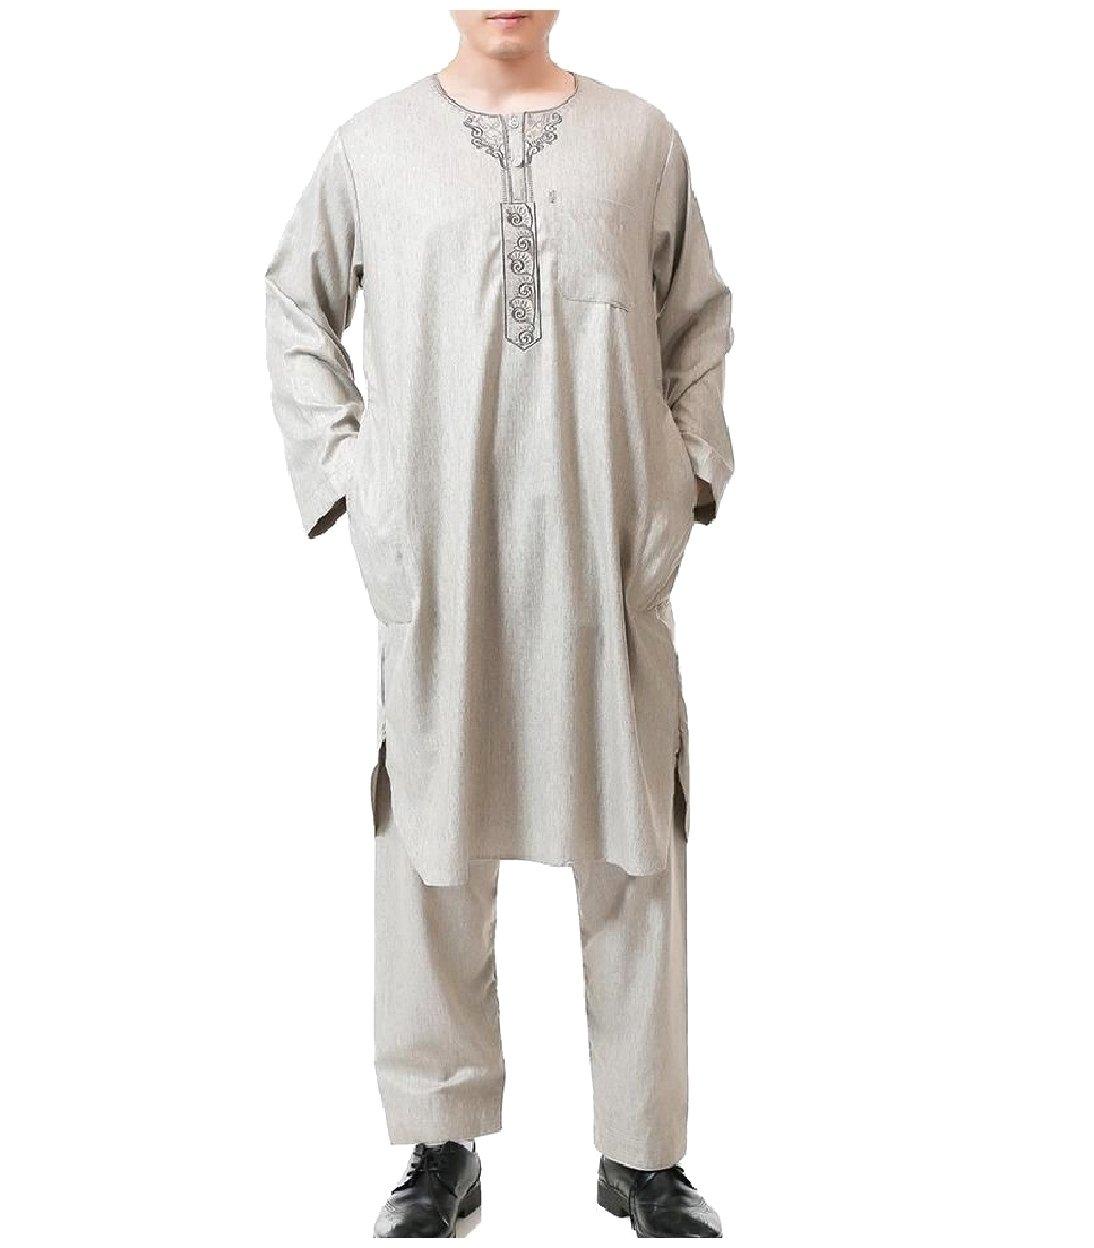 Tootless Men 2-Piece Middle East Cotton Linen Blend Muslim Shalwar Kemeez Khaki 60